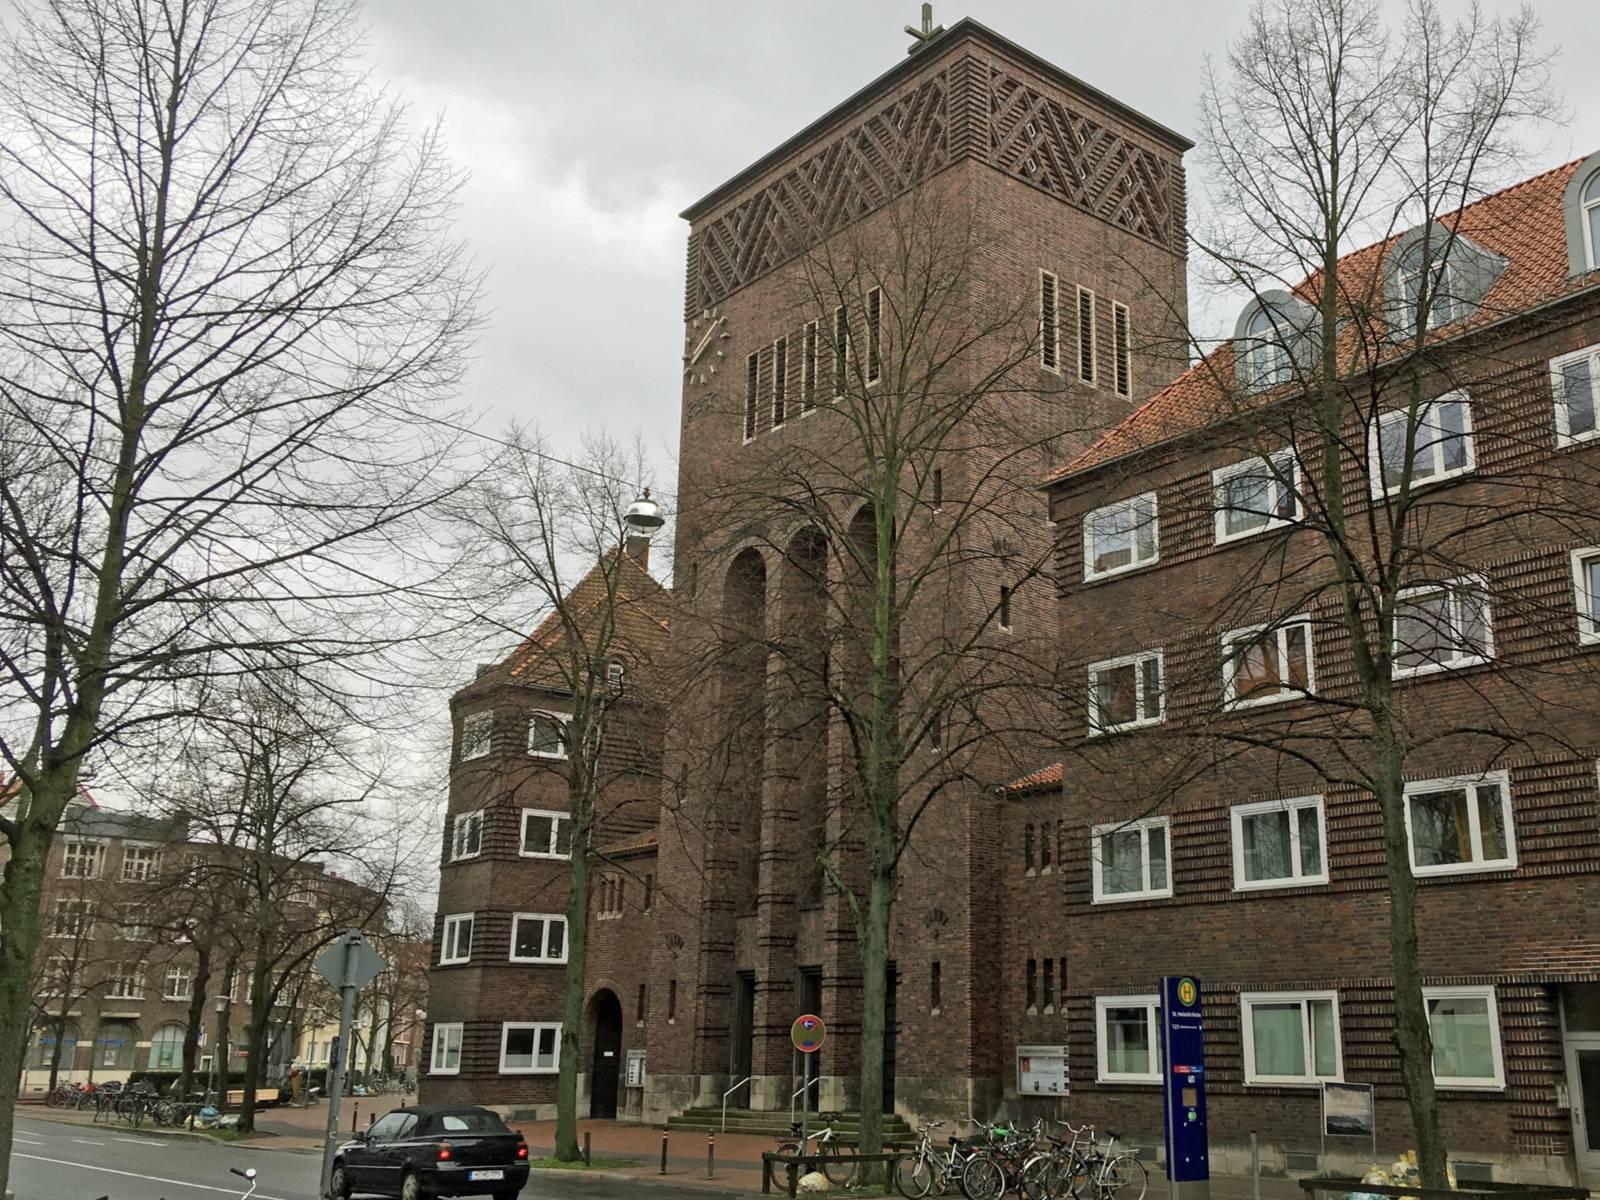 Eine Kirche aus Backsteinen